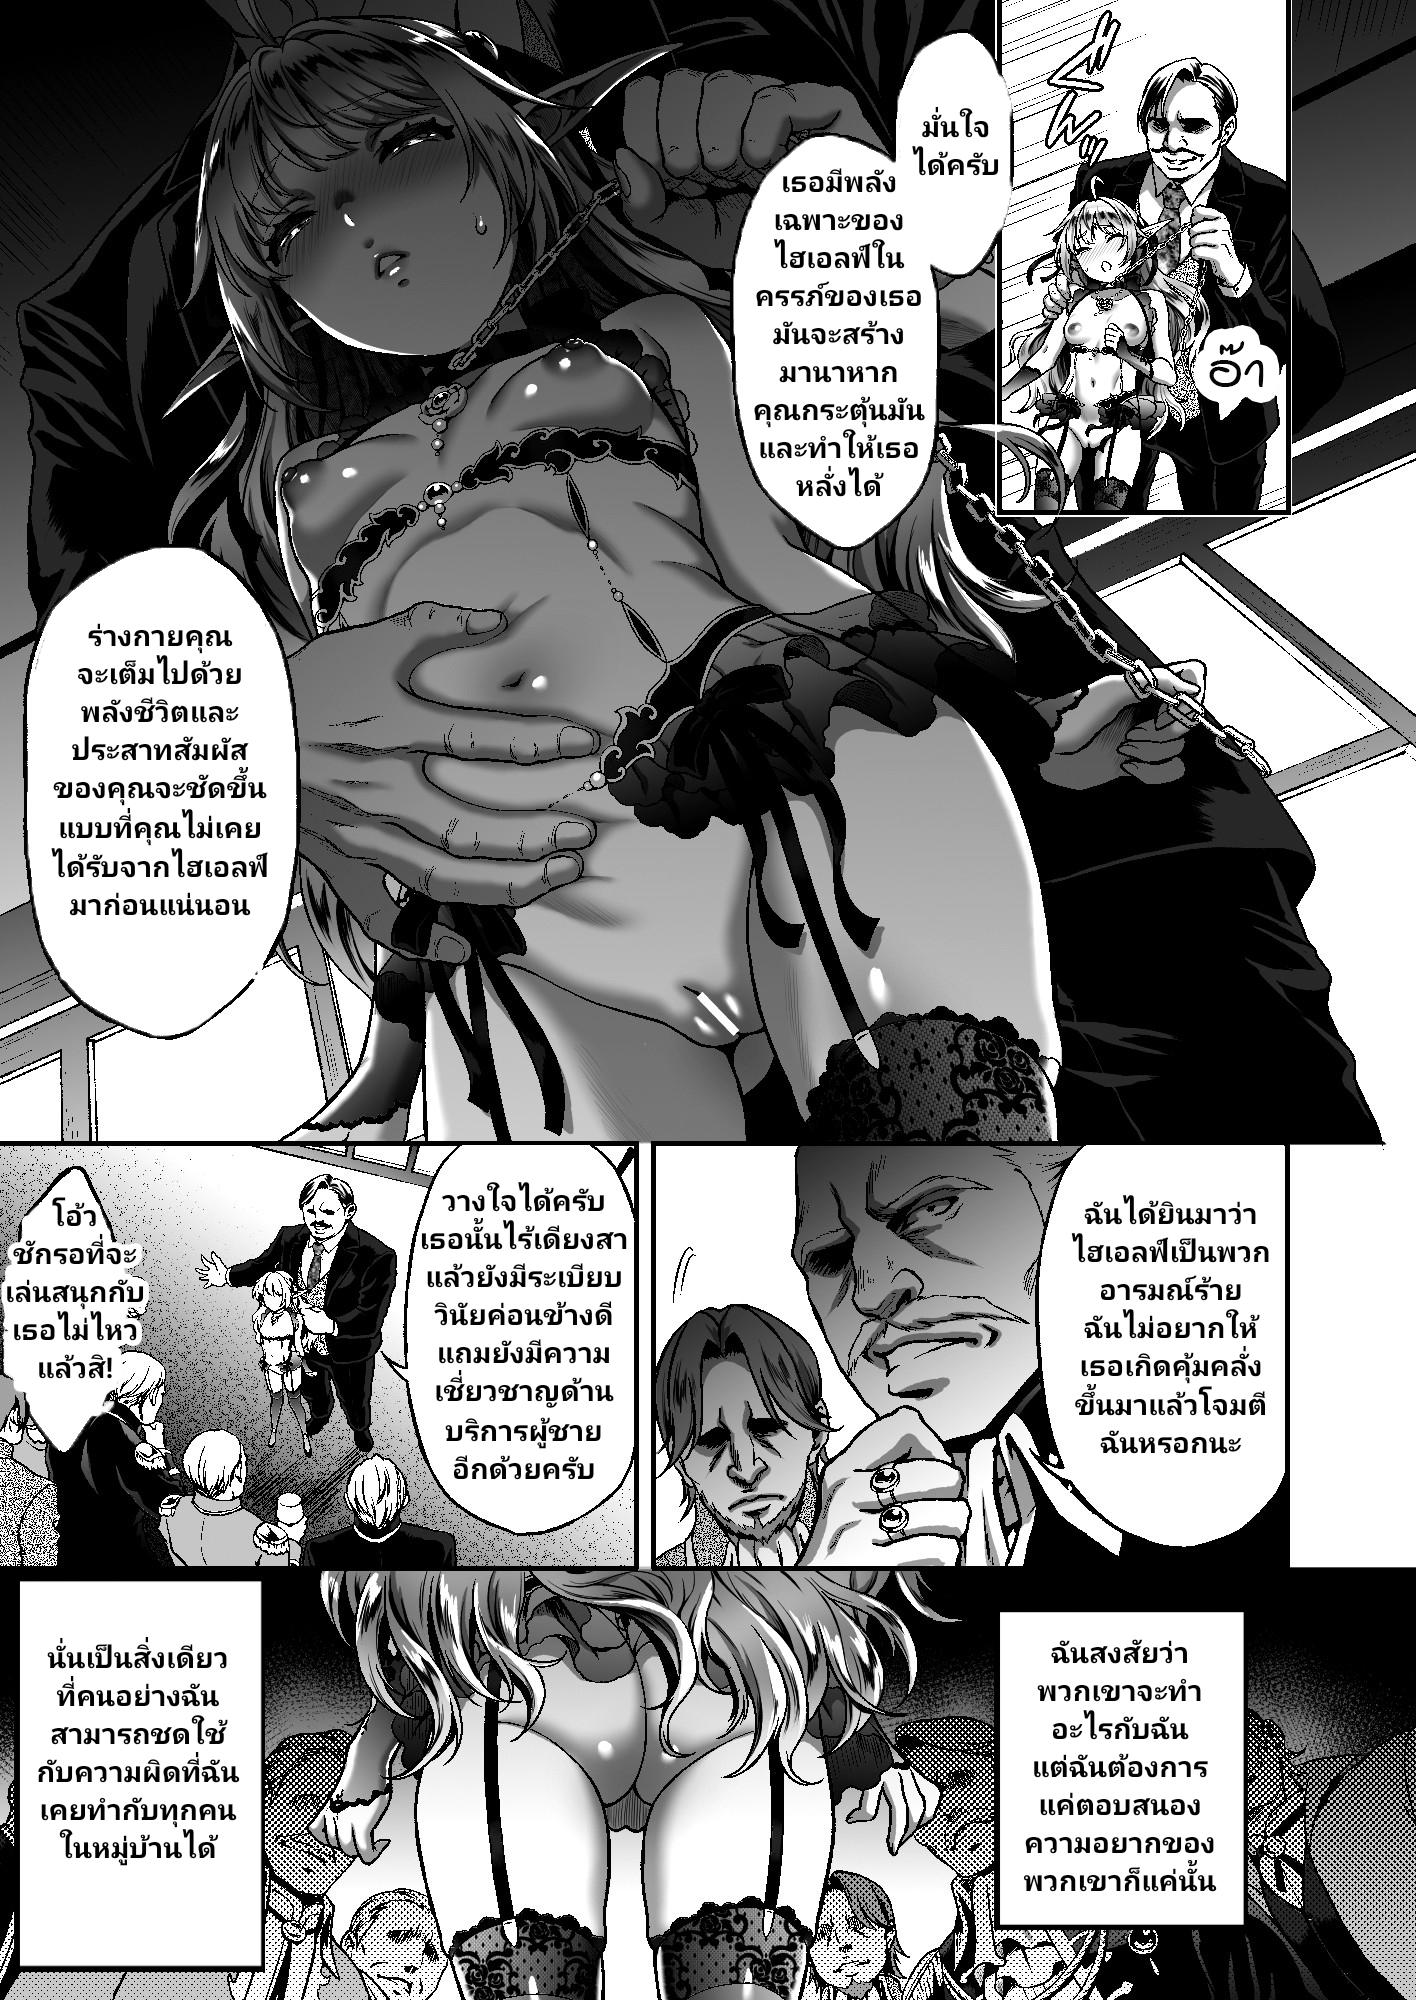 สิ้นศักดิ์ศรีโสเภณีไฮเอลฟ์ 6 - เนื้อเรื่องของเอ็มม่า ภาพ 4